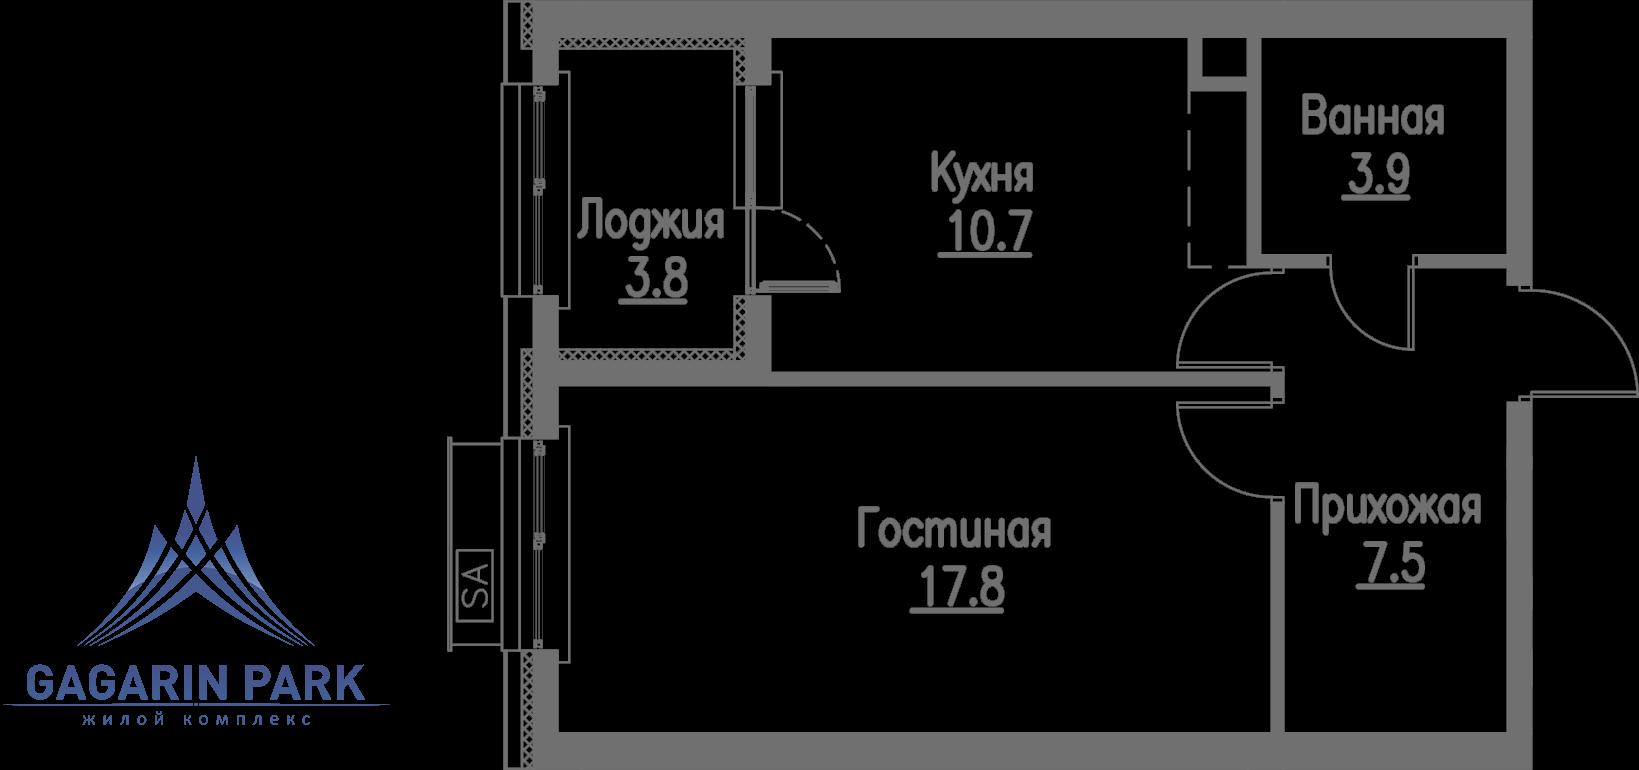 3 очередь, блок B, Квартира 47